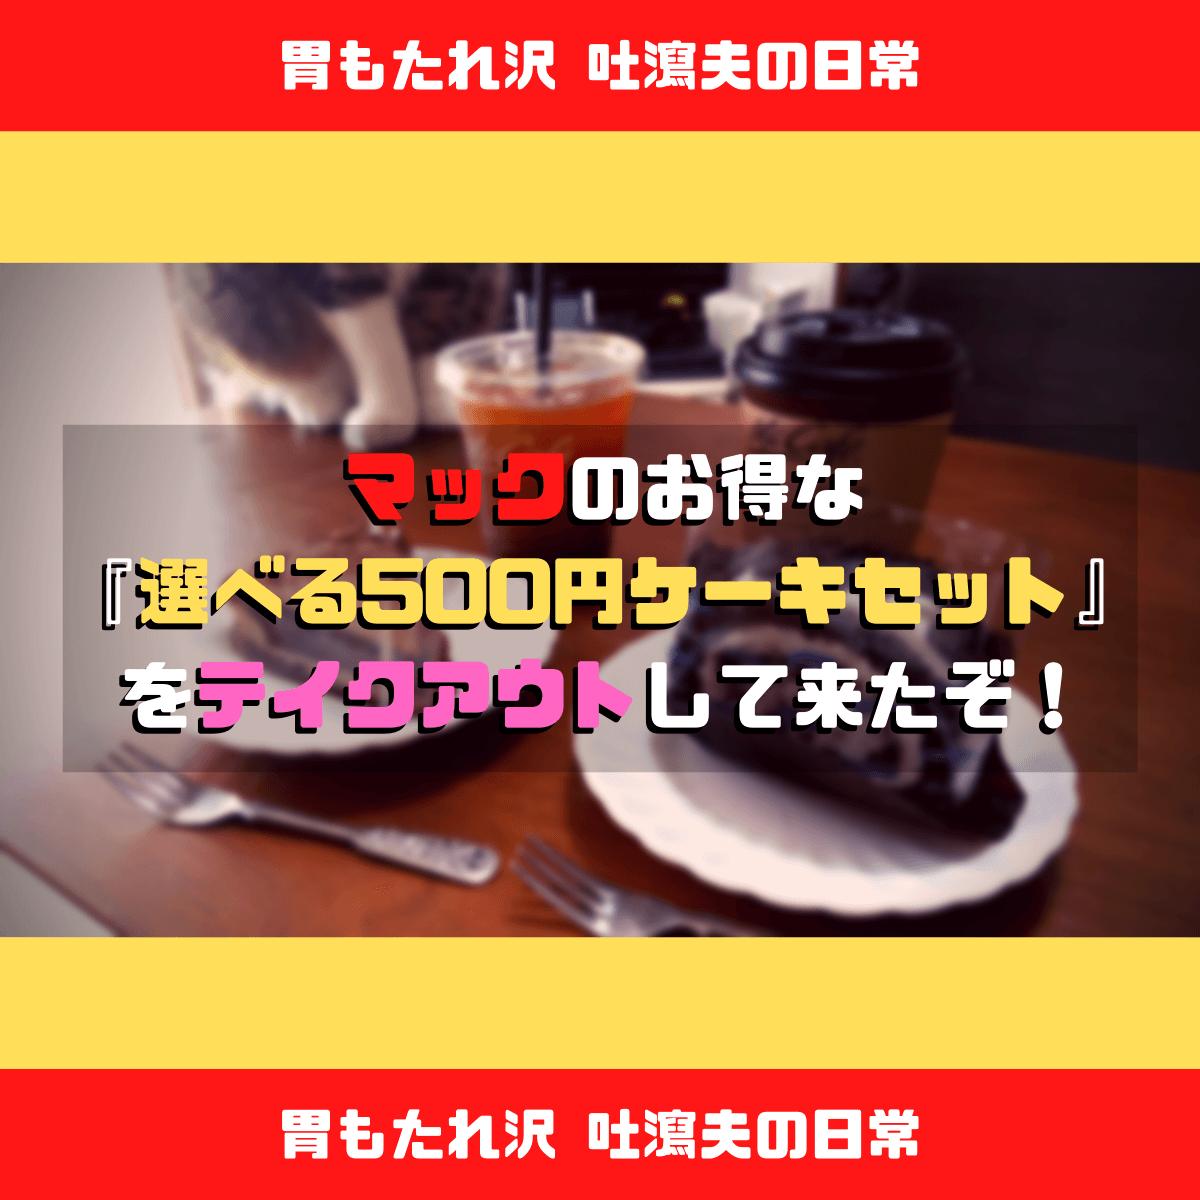 マックのお得な『選べる500円ケーキセット』をテイクアウトして来たぞ!